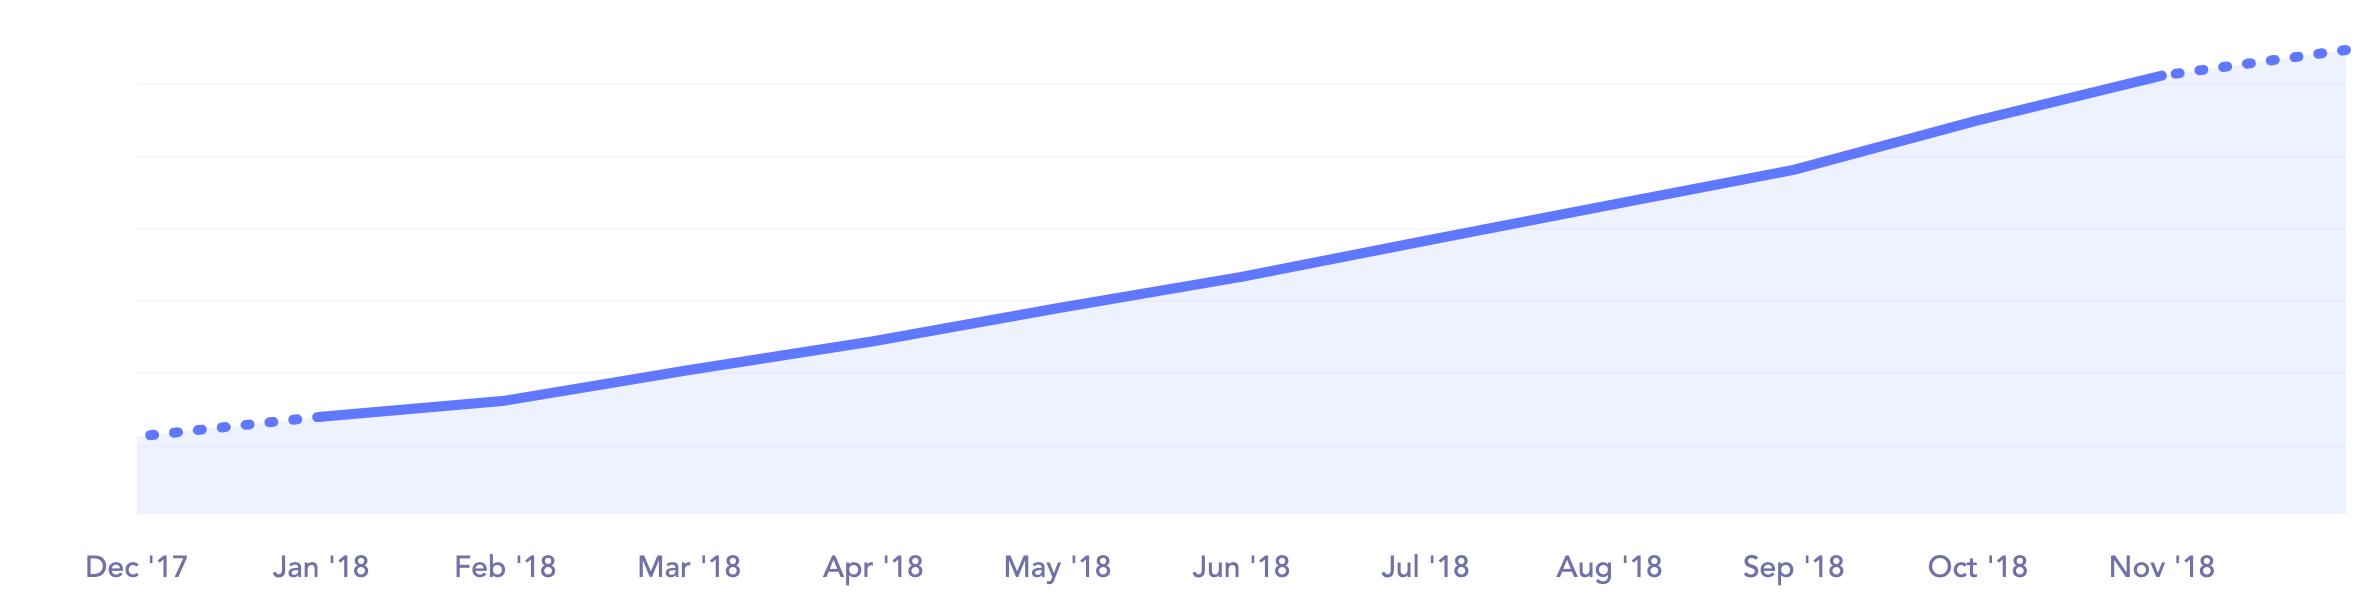 Aktive Abonnements von Barametrics (Kundenwachstumsrate)